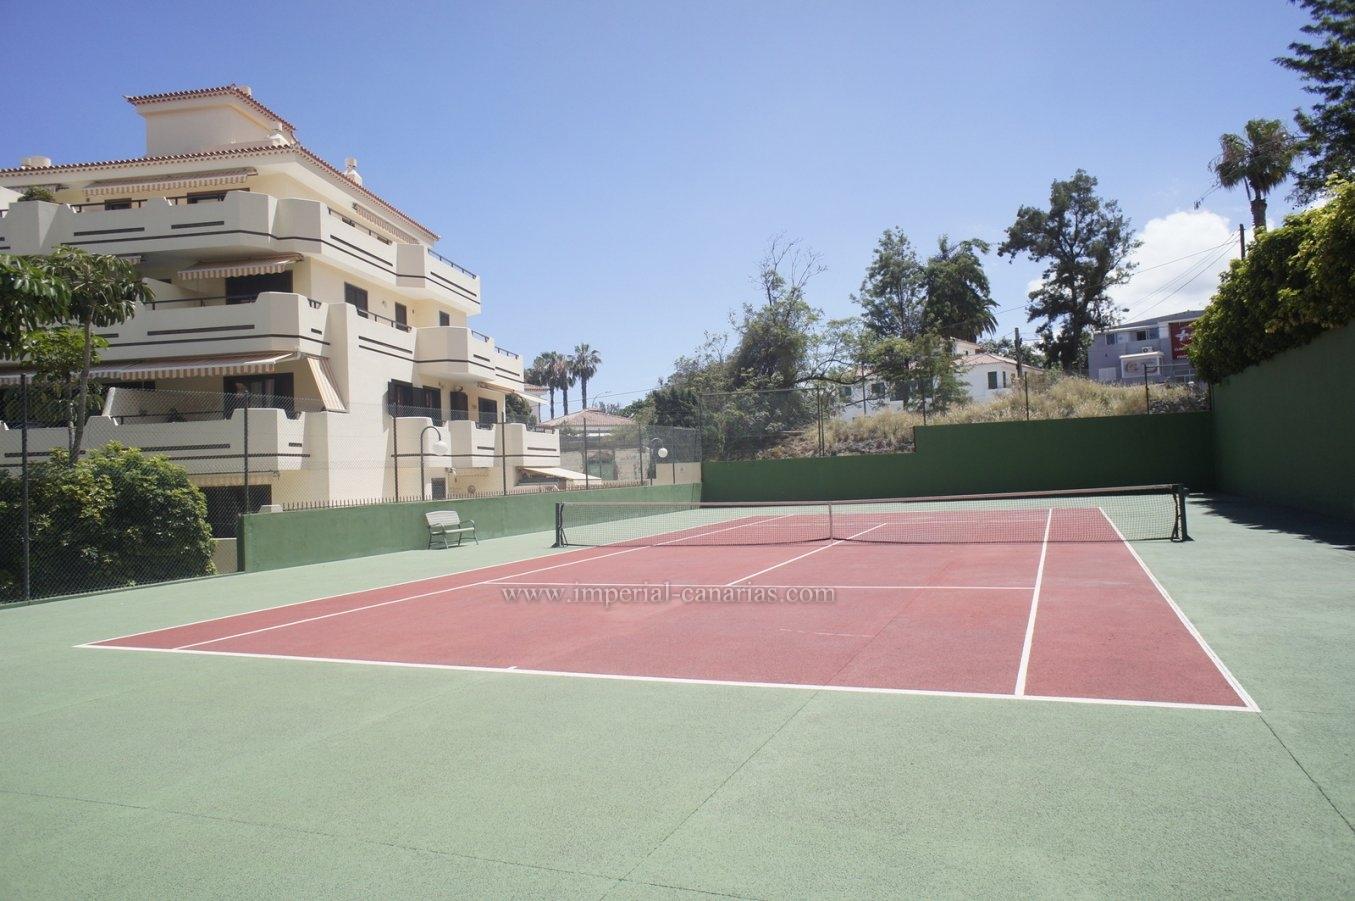 Acogedor apartamento con terraza y vistas. Piscina, tenis!